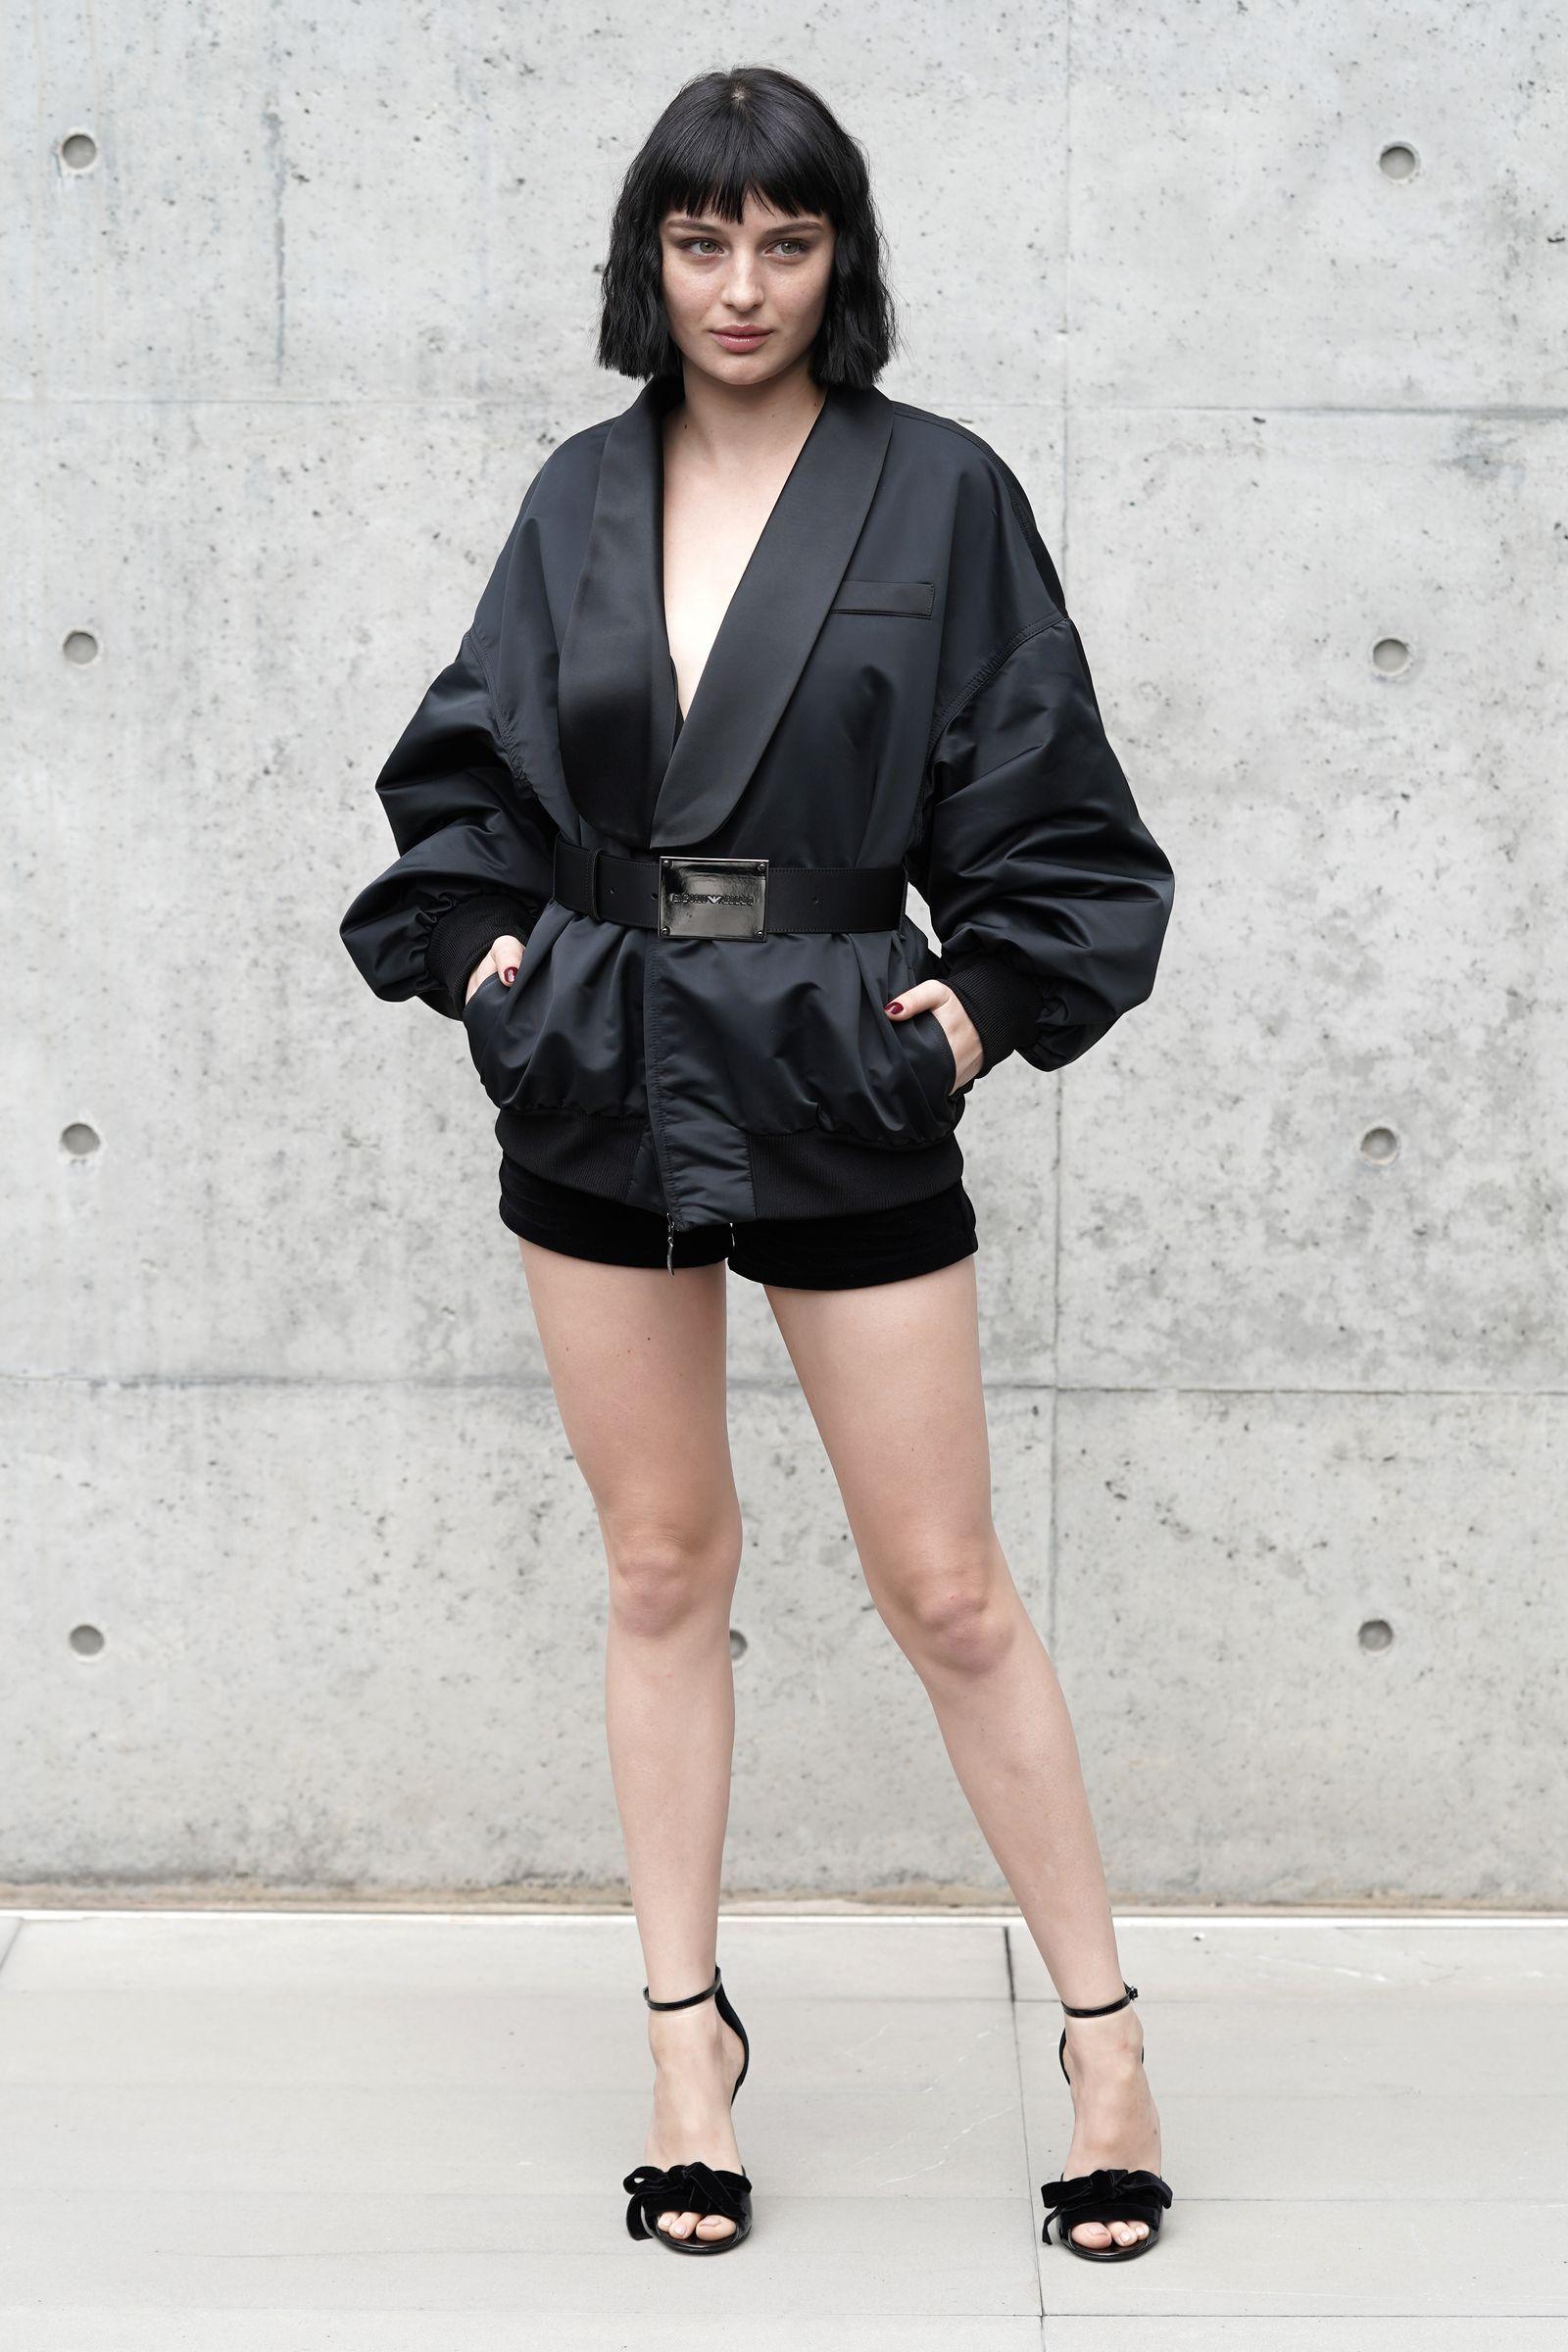 Alice Pagani di Baby è diventata grande, e con il suo vestito è stata tra le donne più eleganti della MFW